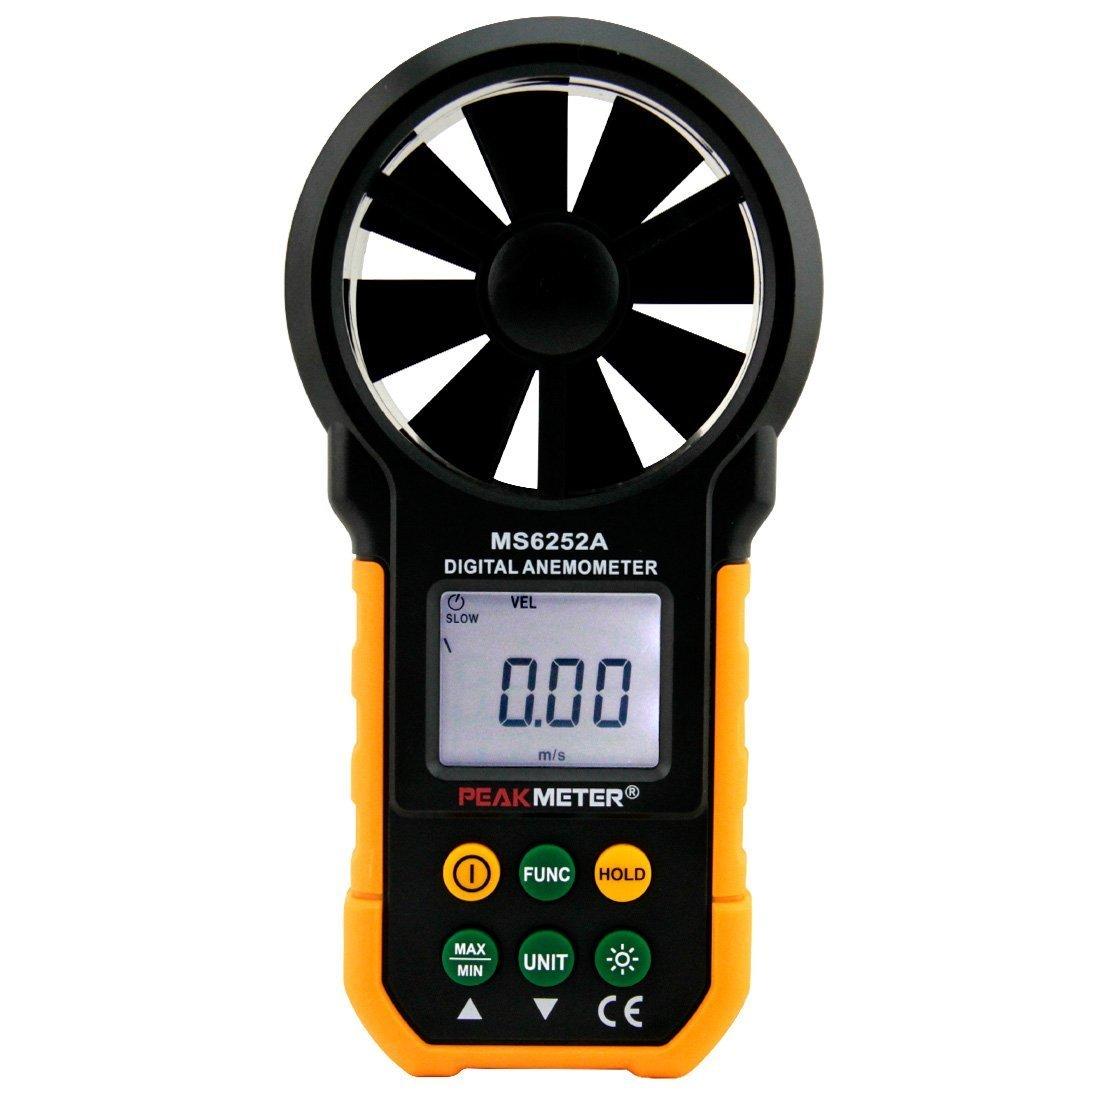 Wonderful Electrical Tools Tester LCD Digital Anemometer Handheld Wind Speed Meter Gauge Air Volume Meter Backlight Air Velocity Measurement MS6252A